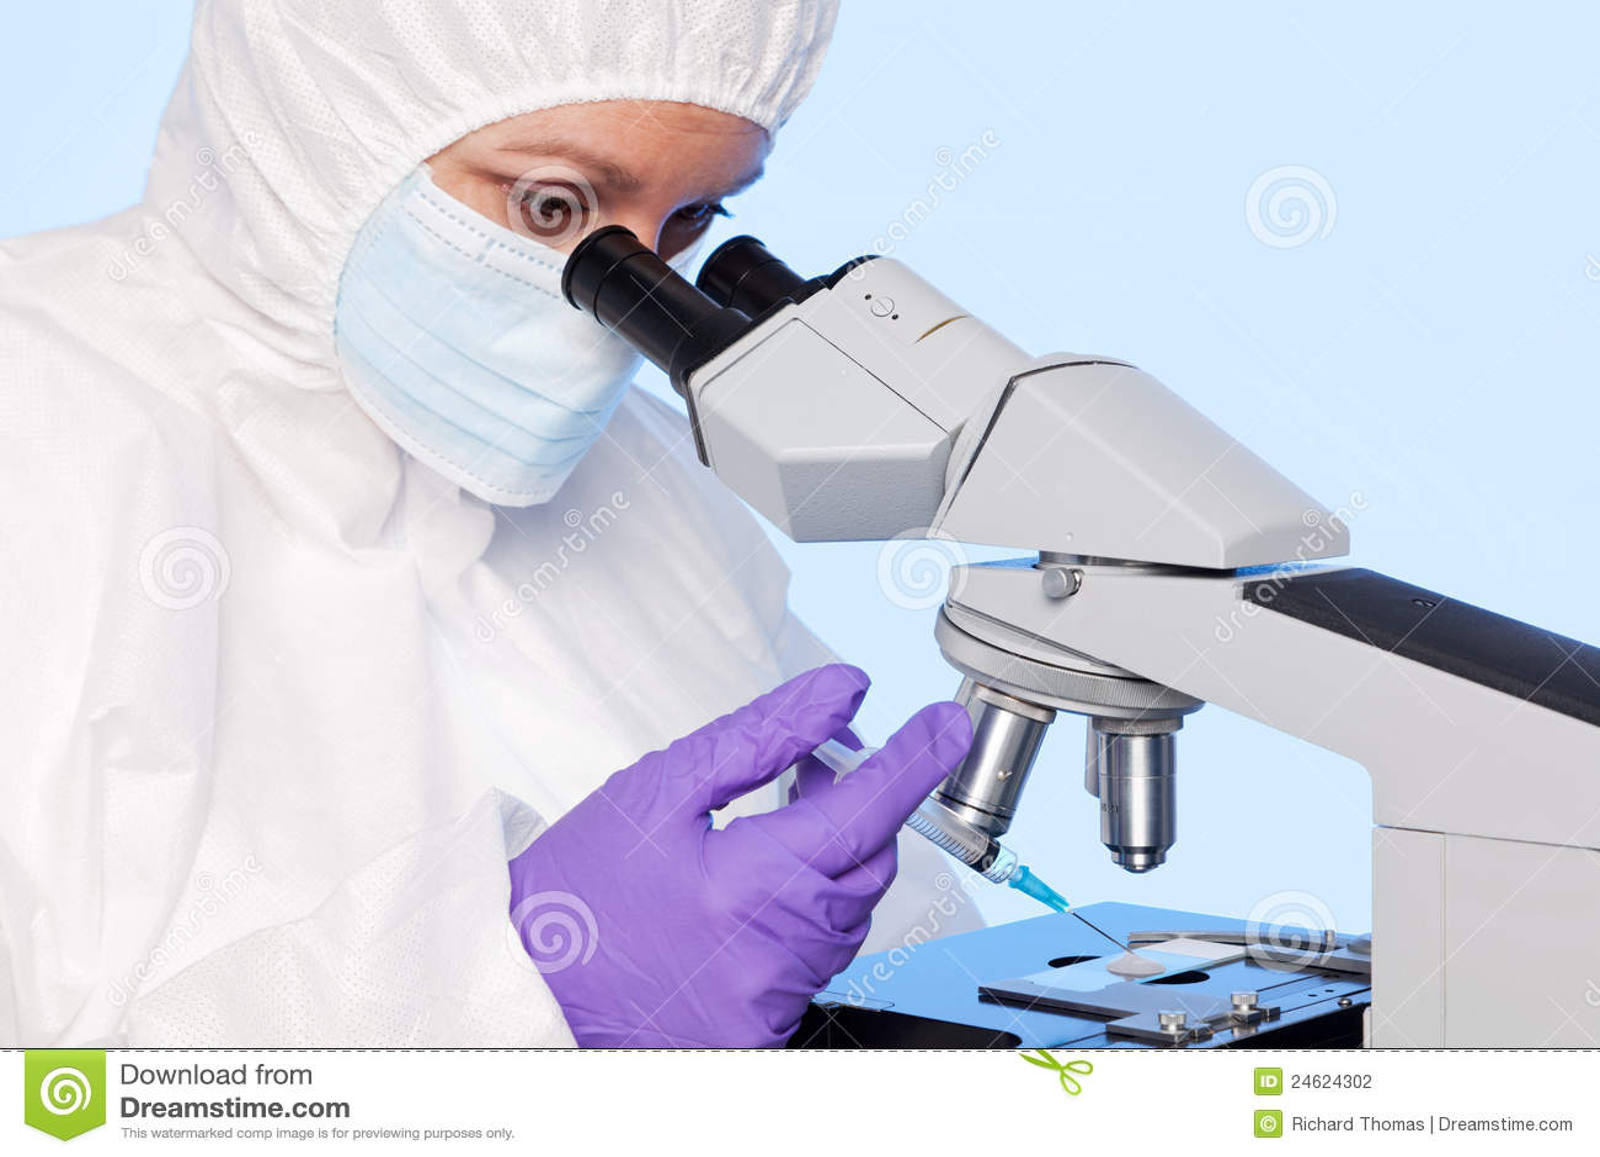 Сперма микроскопом фото 21 фотография